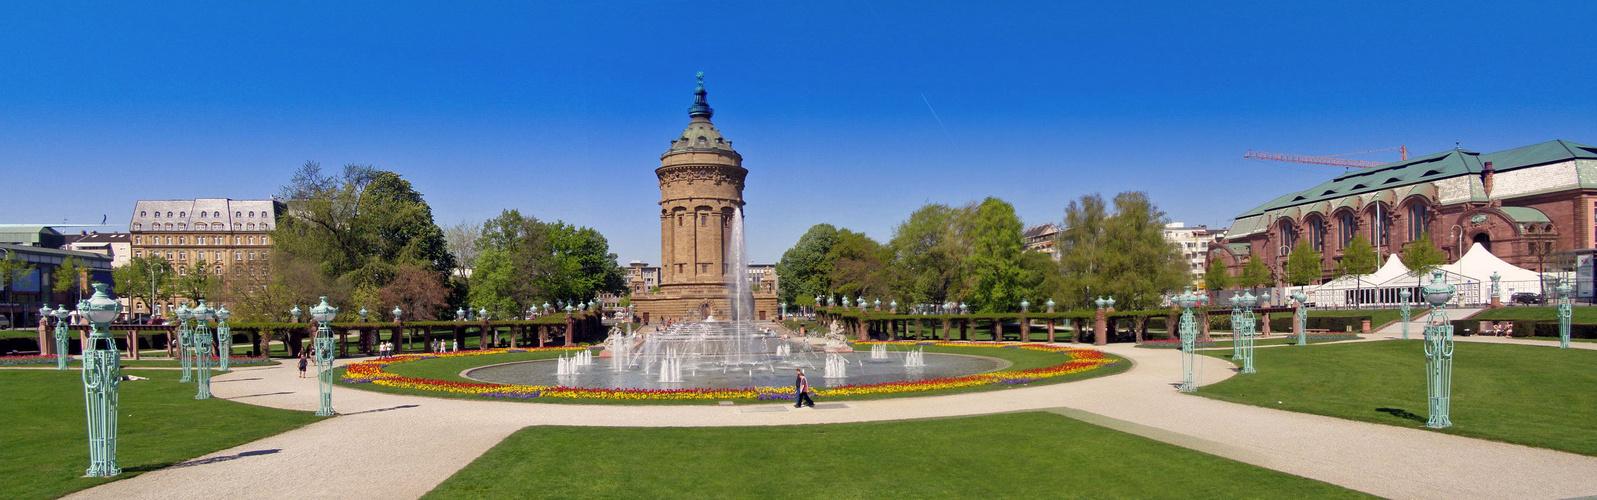 Mannemer Wasserturm